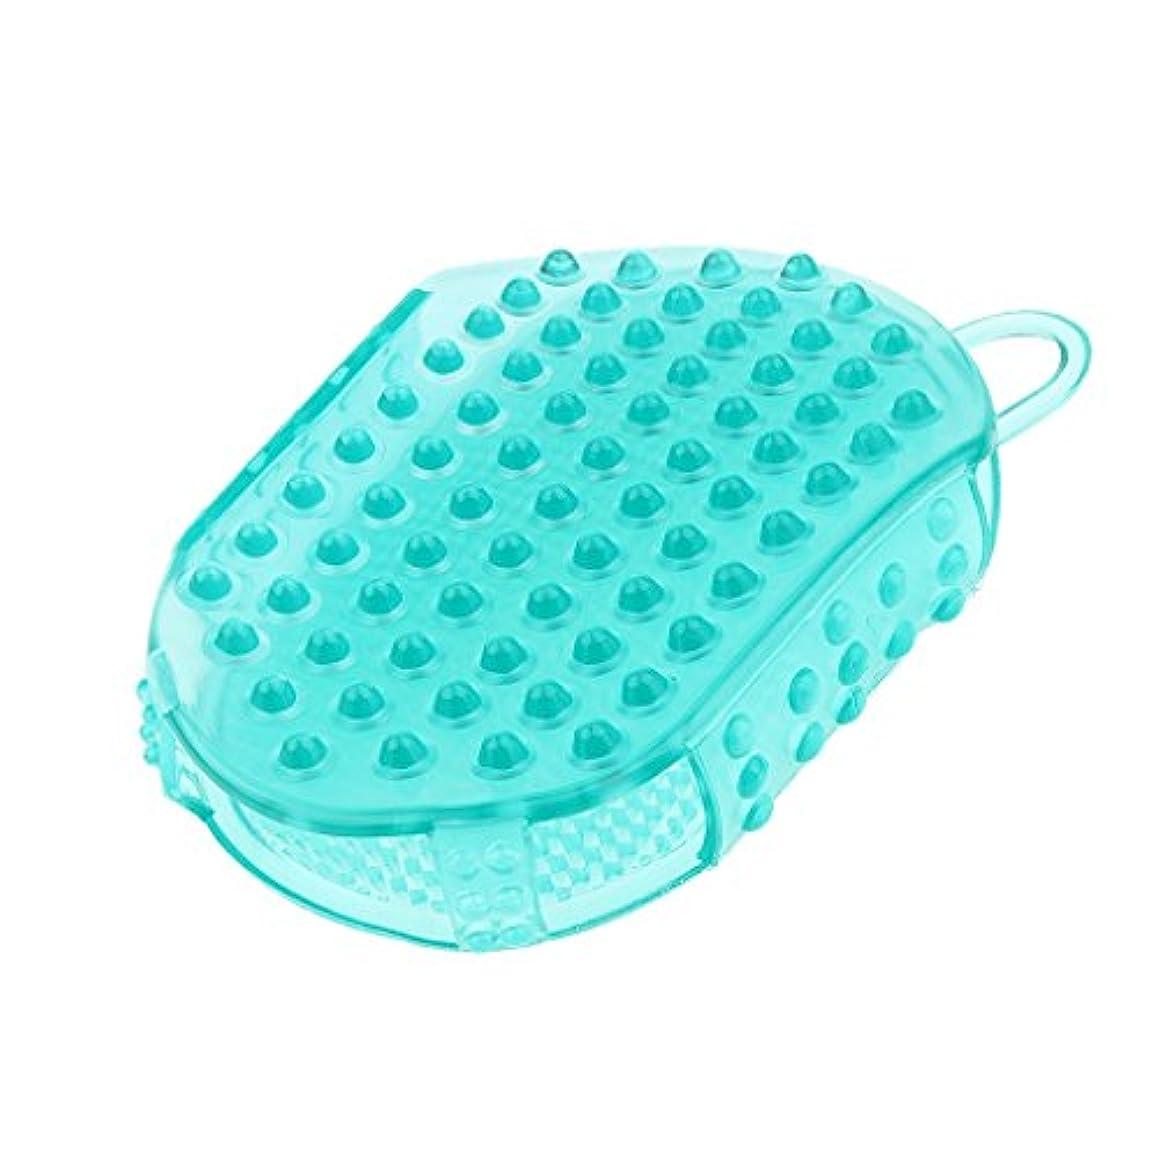 キャンパス促進する編集する頭皮マッサージ コーム ヘアマッサージャー 櫛 防水性 子供 大人 シャワー用 便利